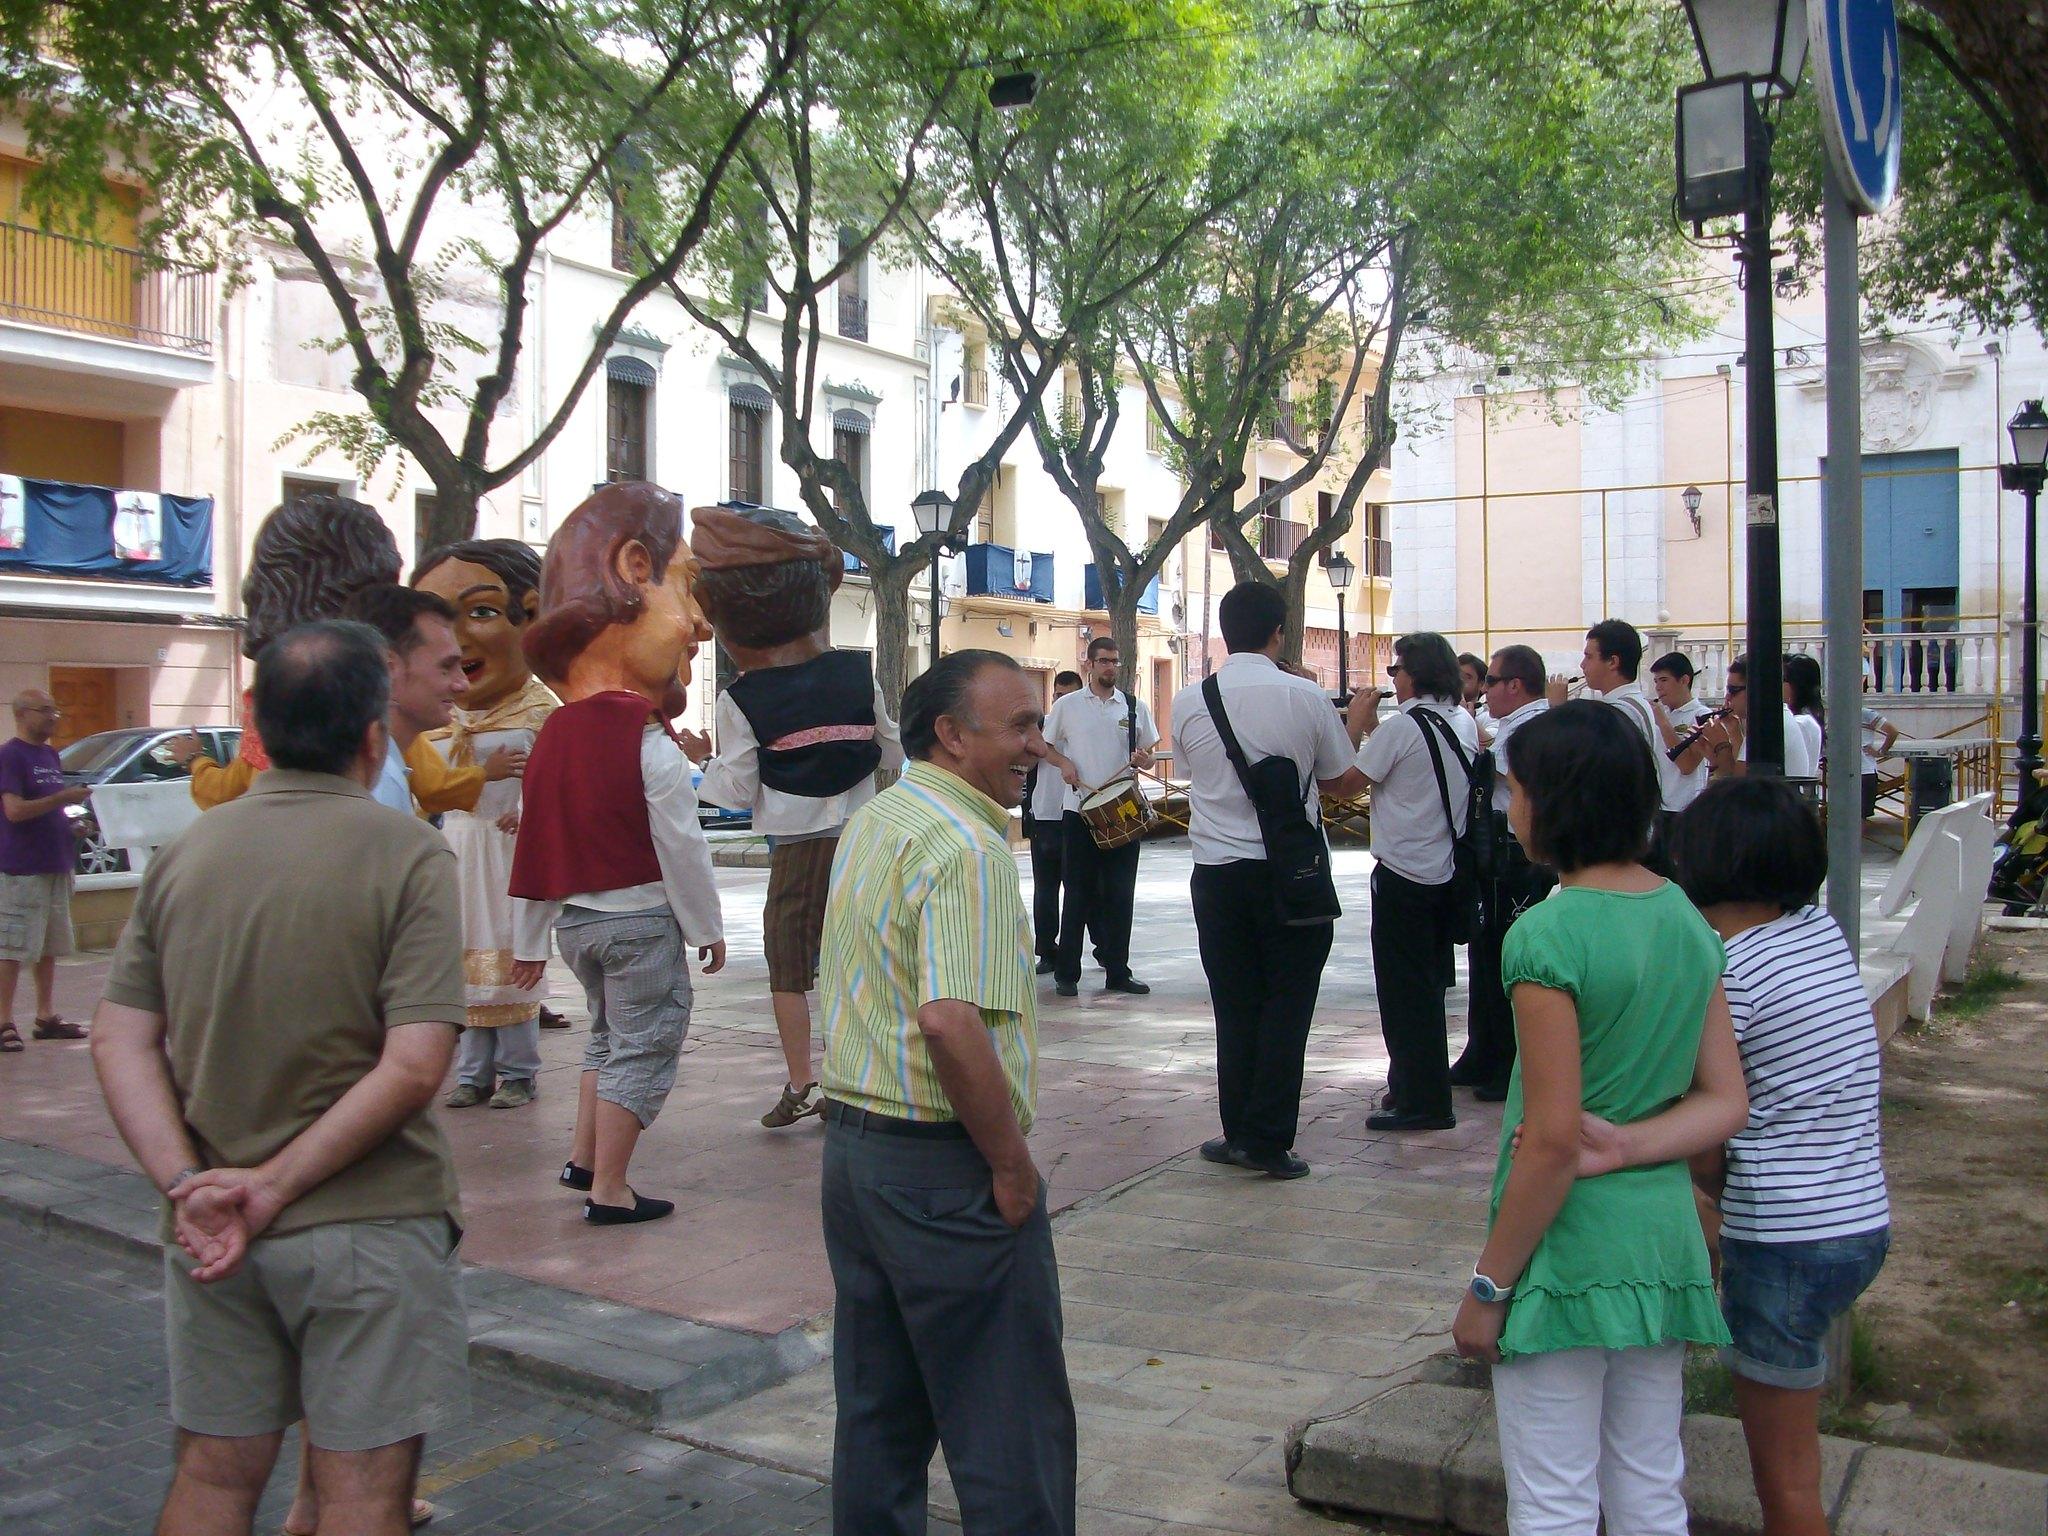 (2010-07-04) - Pasacalle Gent de Nanos - José Vicente Romero Ripoll -  (01)